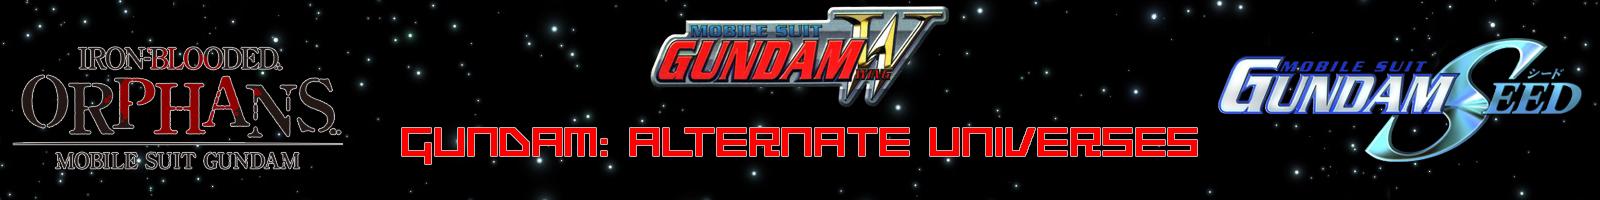 Gundam AU